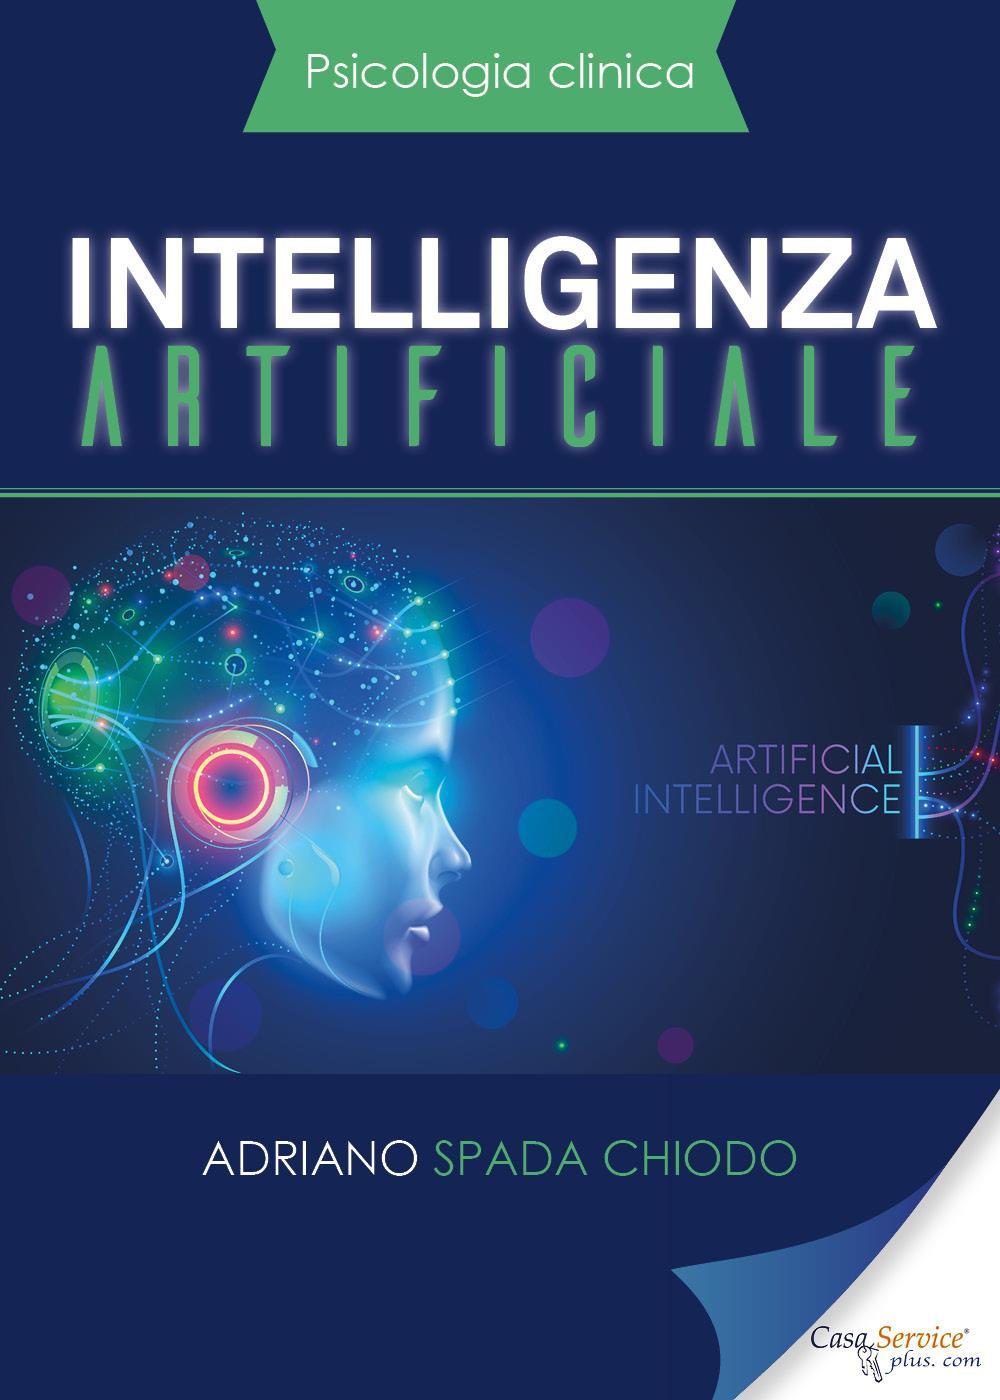 Psicologia Clinica - Intelligenza artificiale